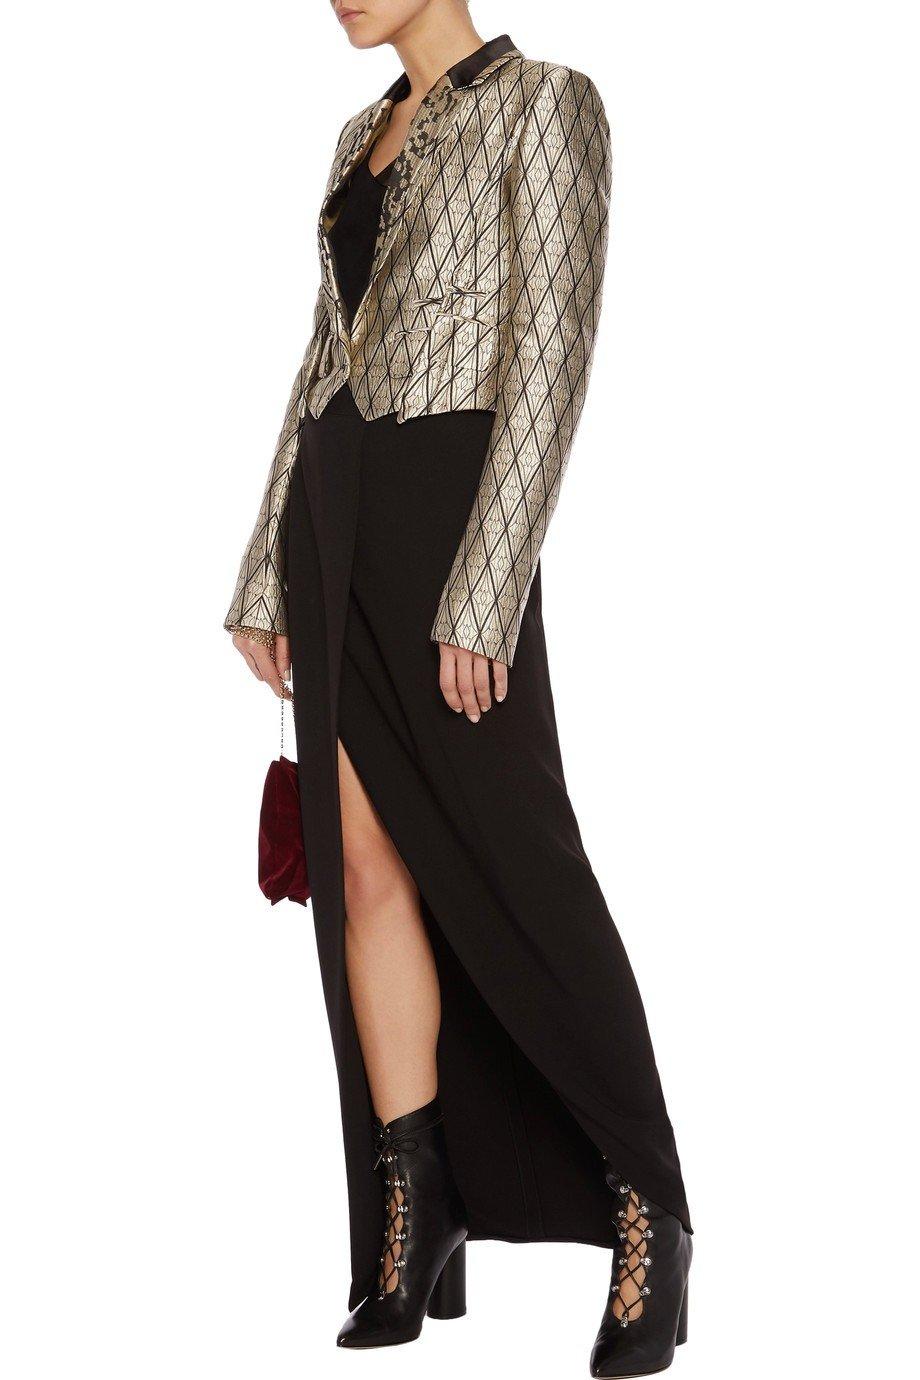 модный блестящий пиджак женский 2018 года фото новинки модные тенденции